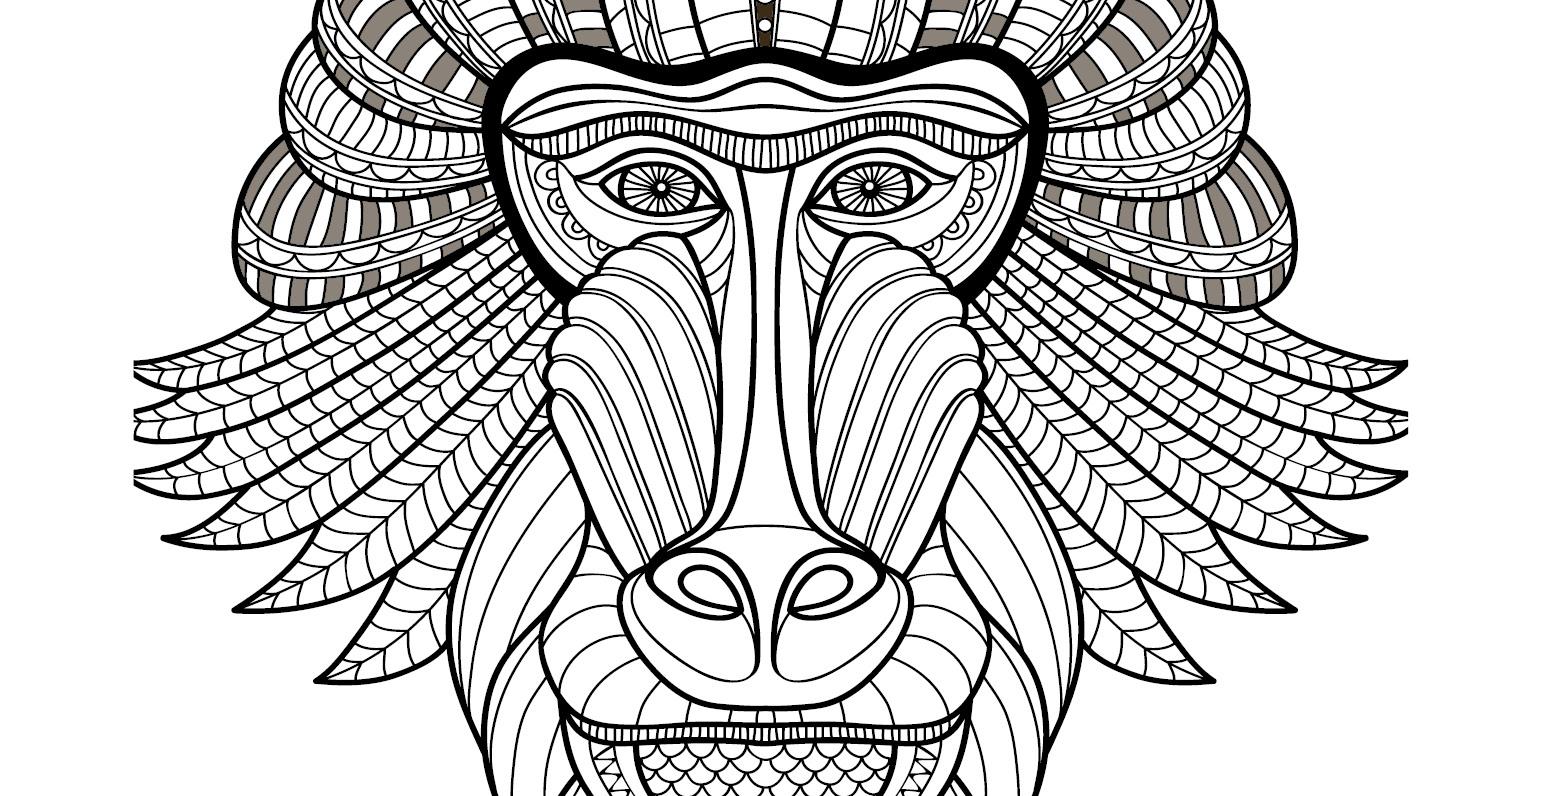 Coloriage gratuit singe babouin - Dessin de babouin ...